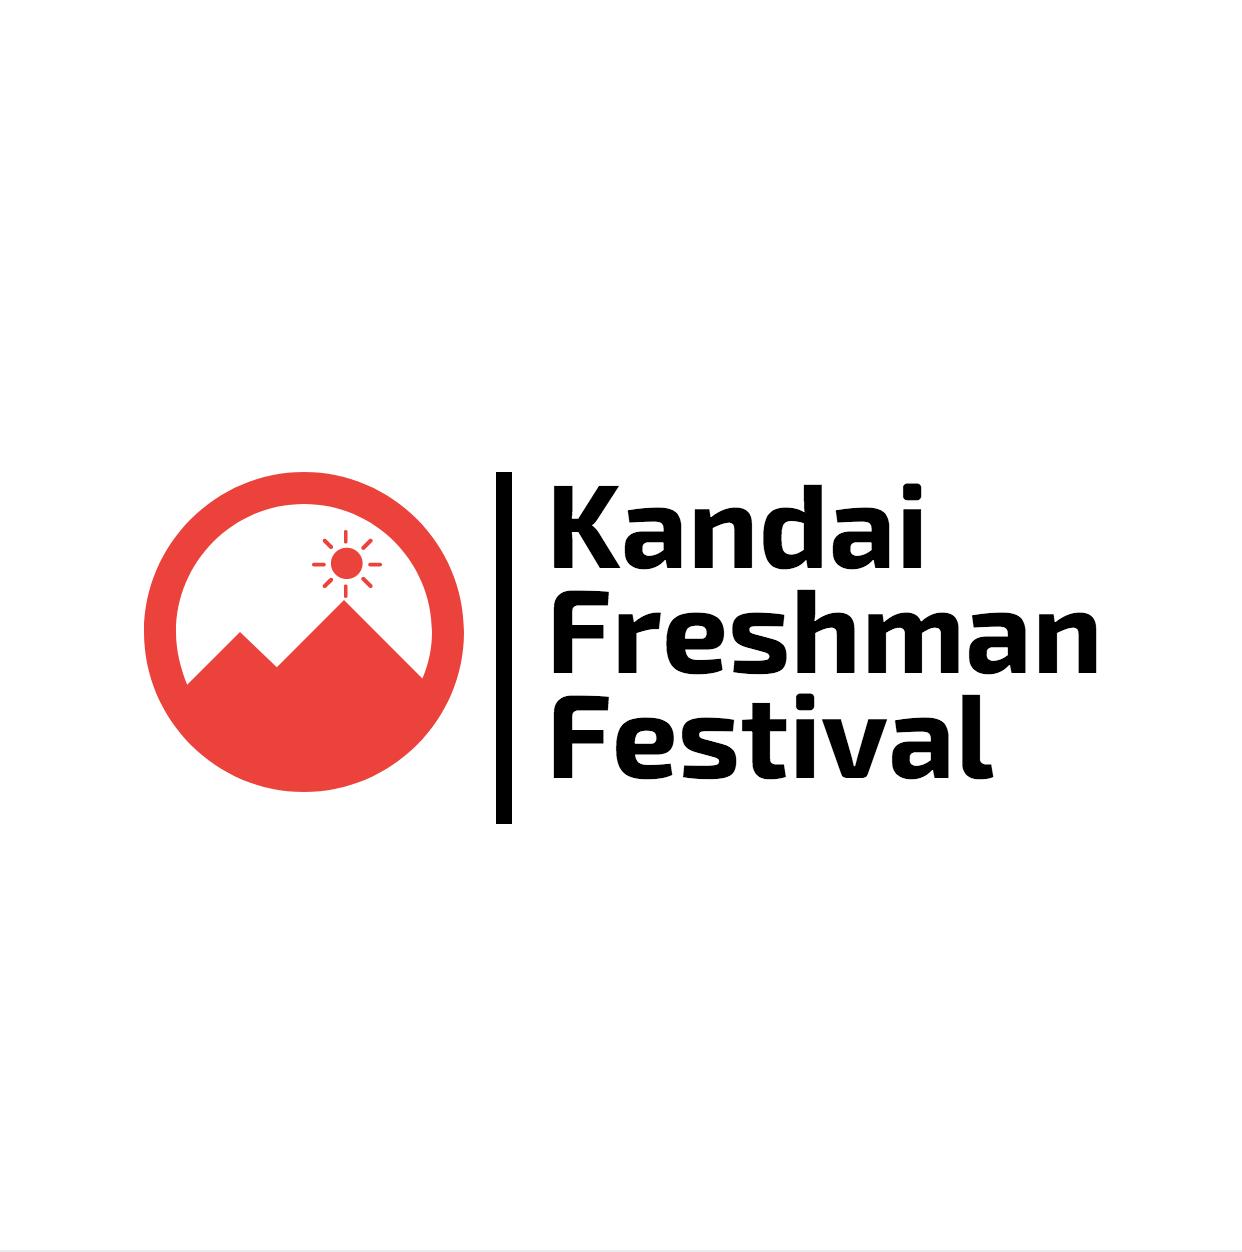 KANDAI FRESHMAN FESTIVAL 2018